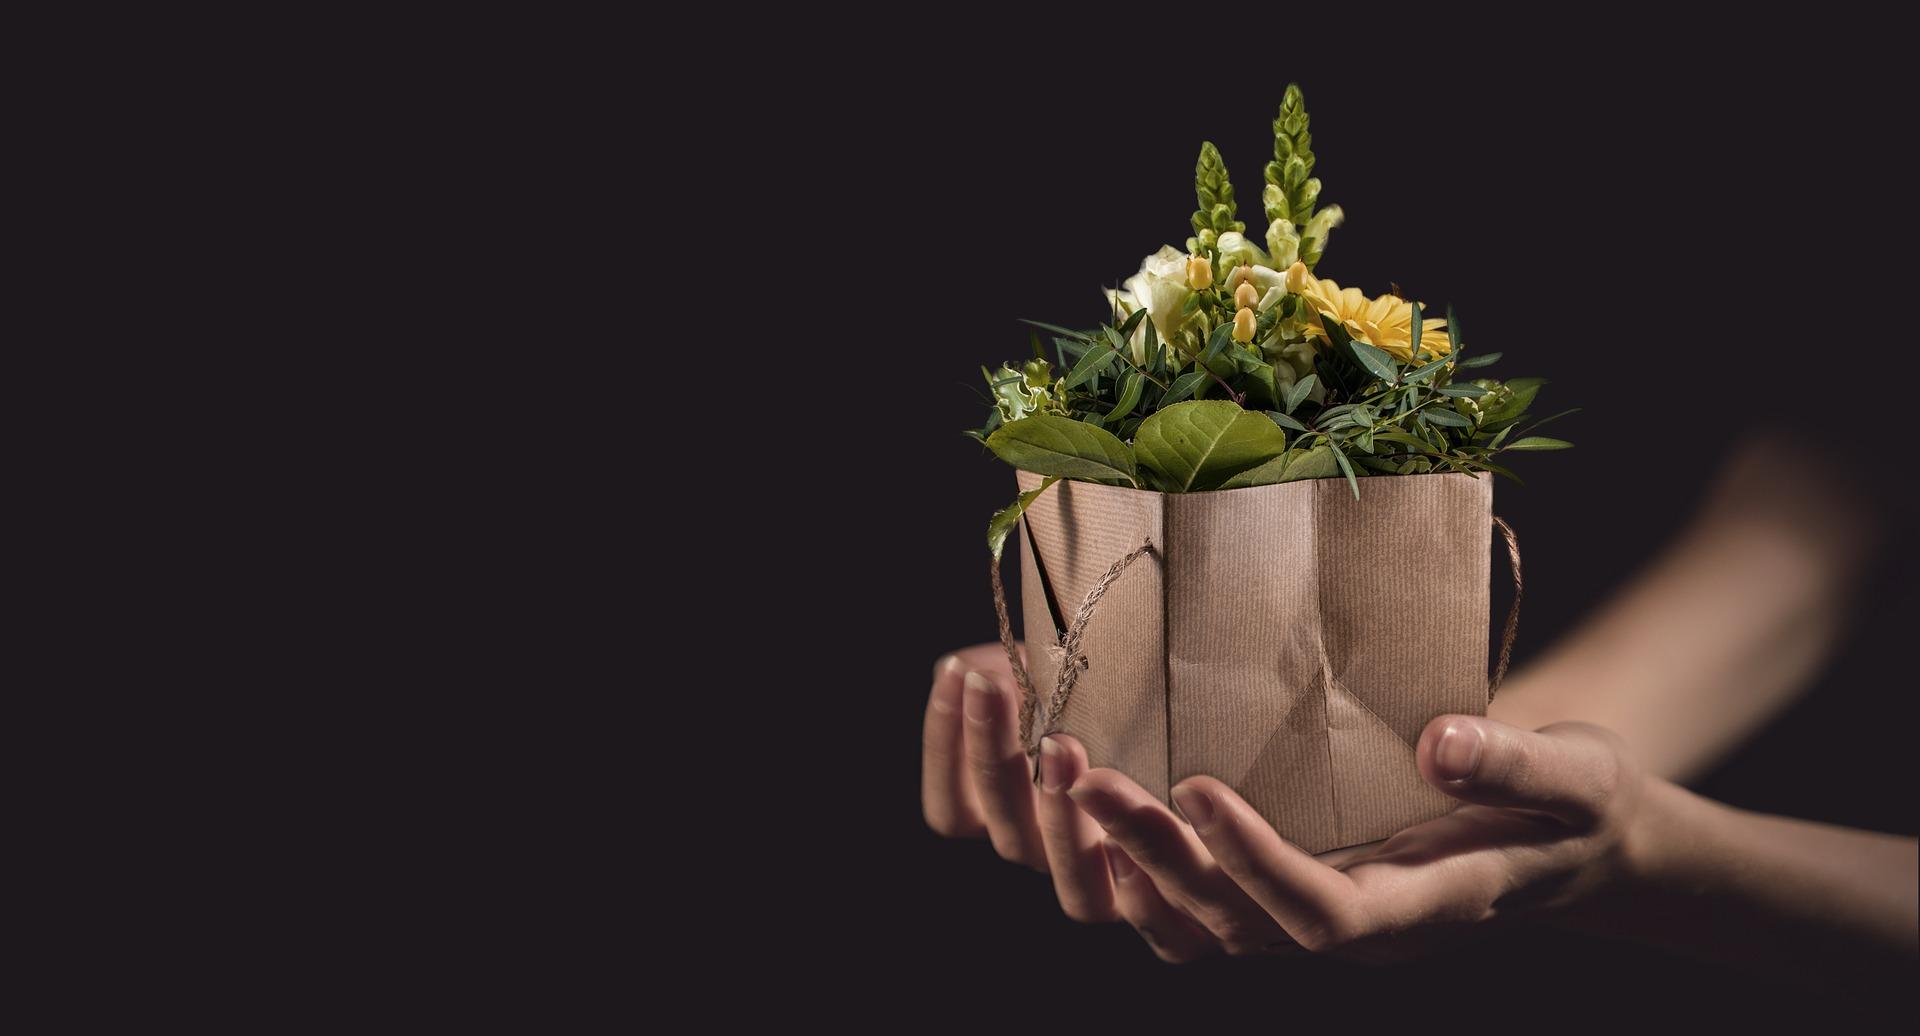 Día Mundial del Veganismo. Receta vegana de regalo